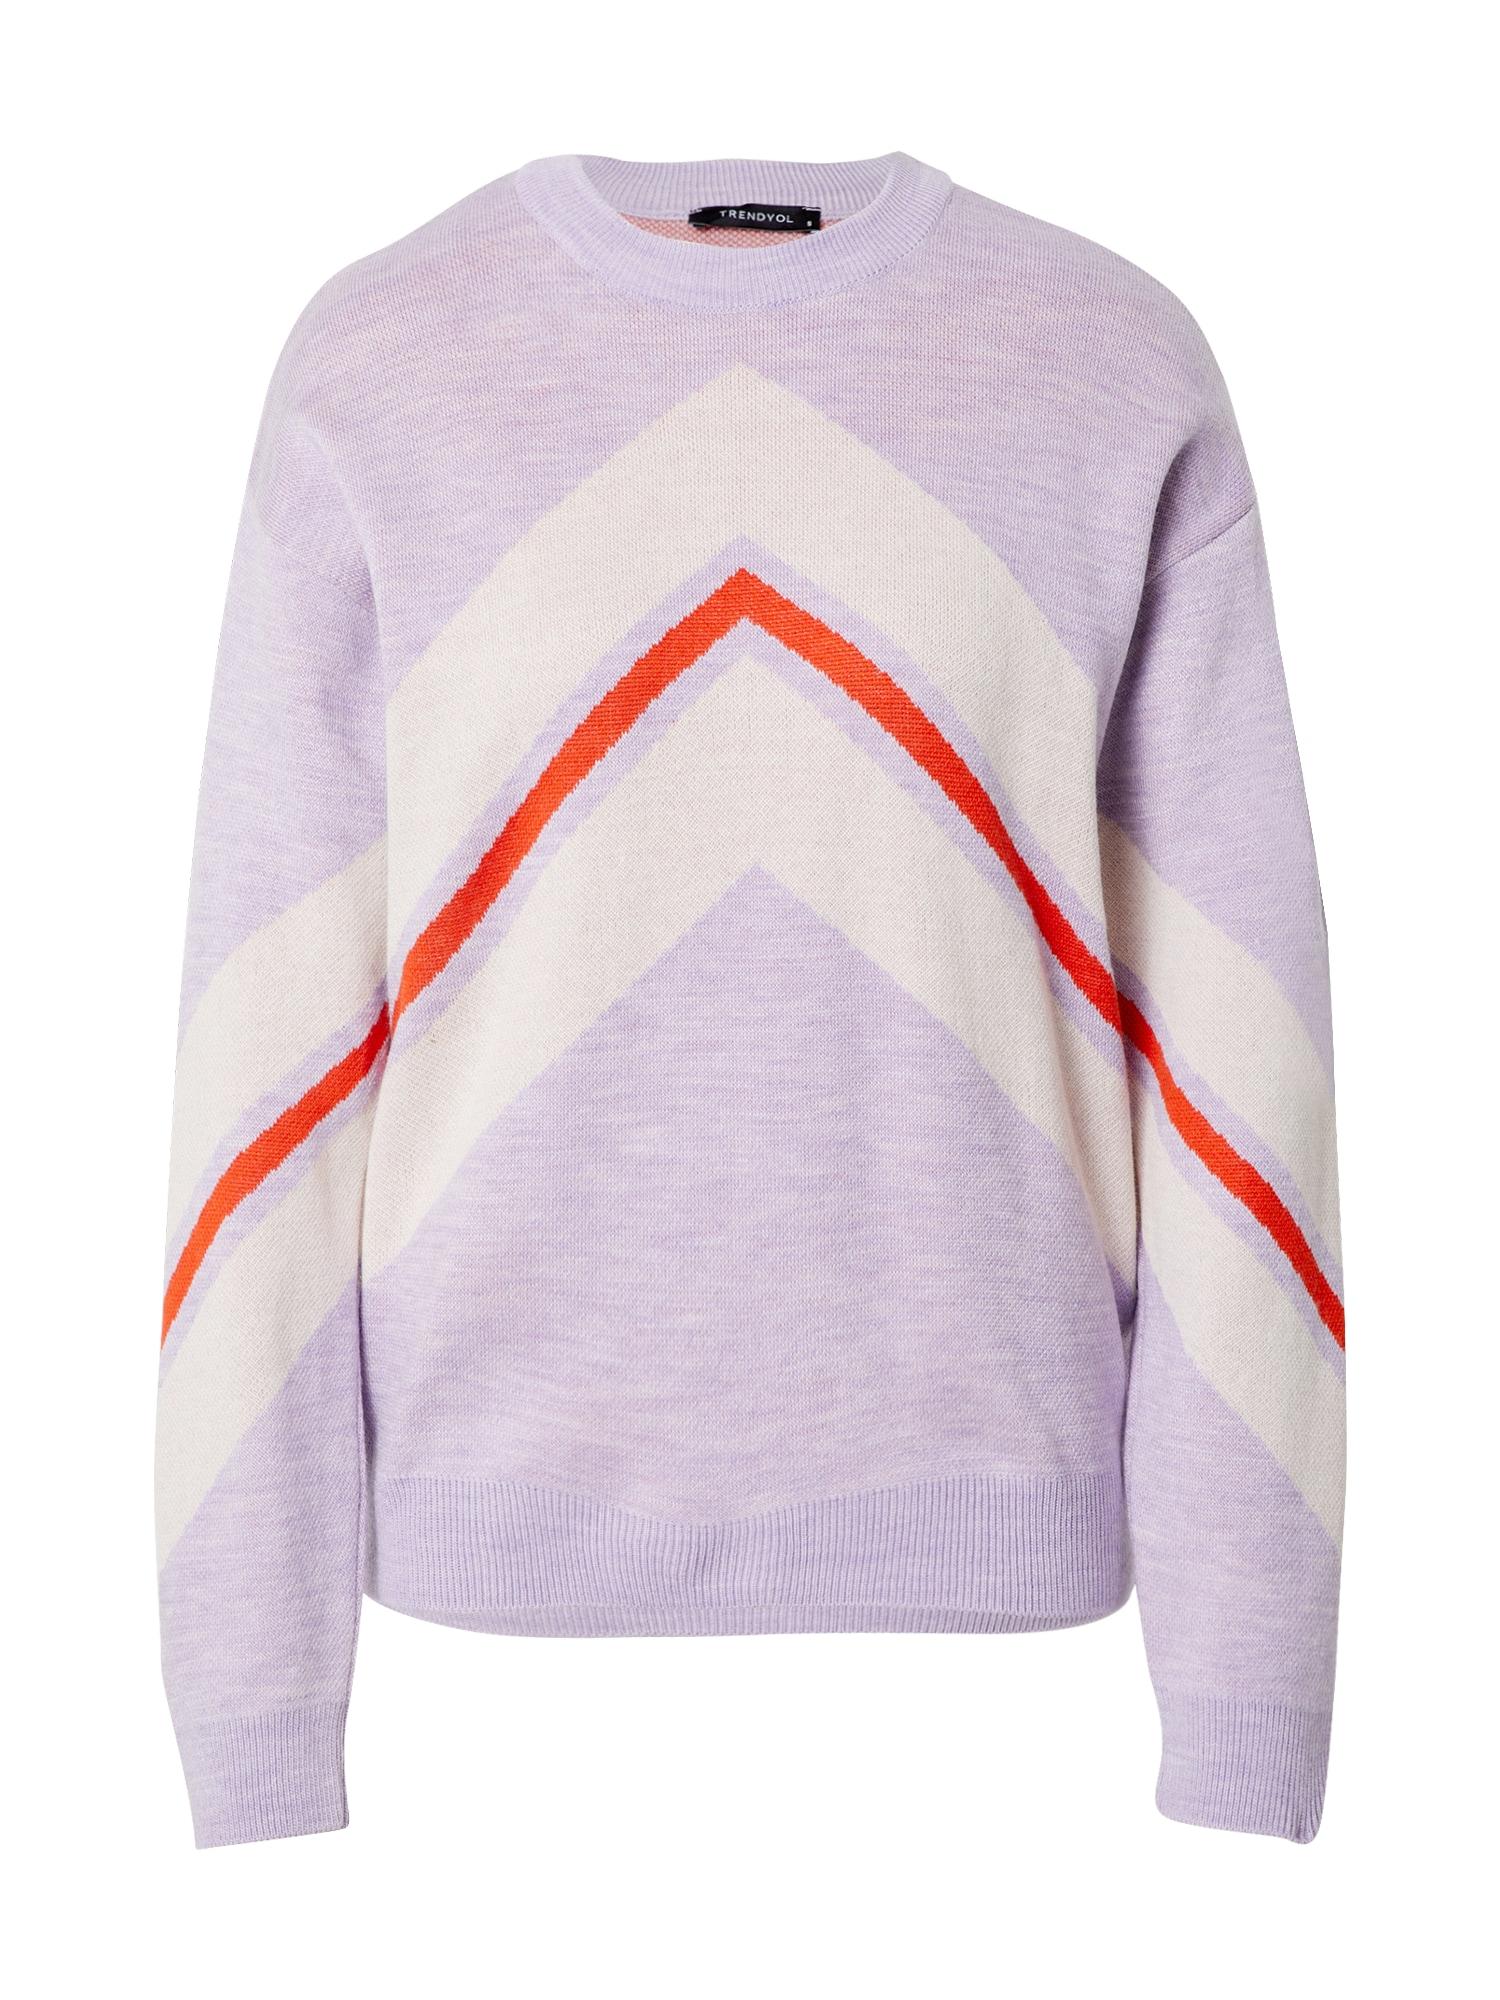 Trendyol Megztinis purpurinė / balta / raudona